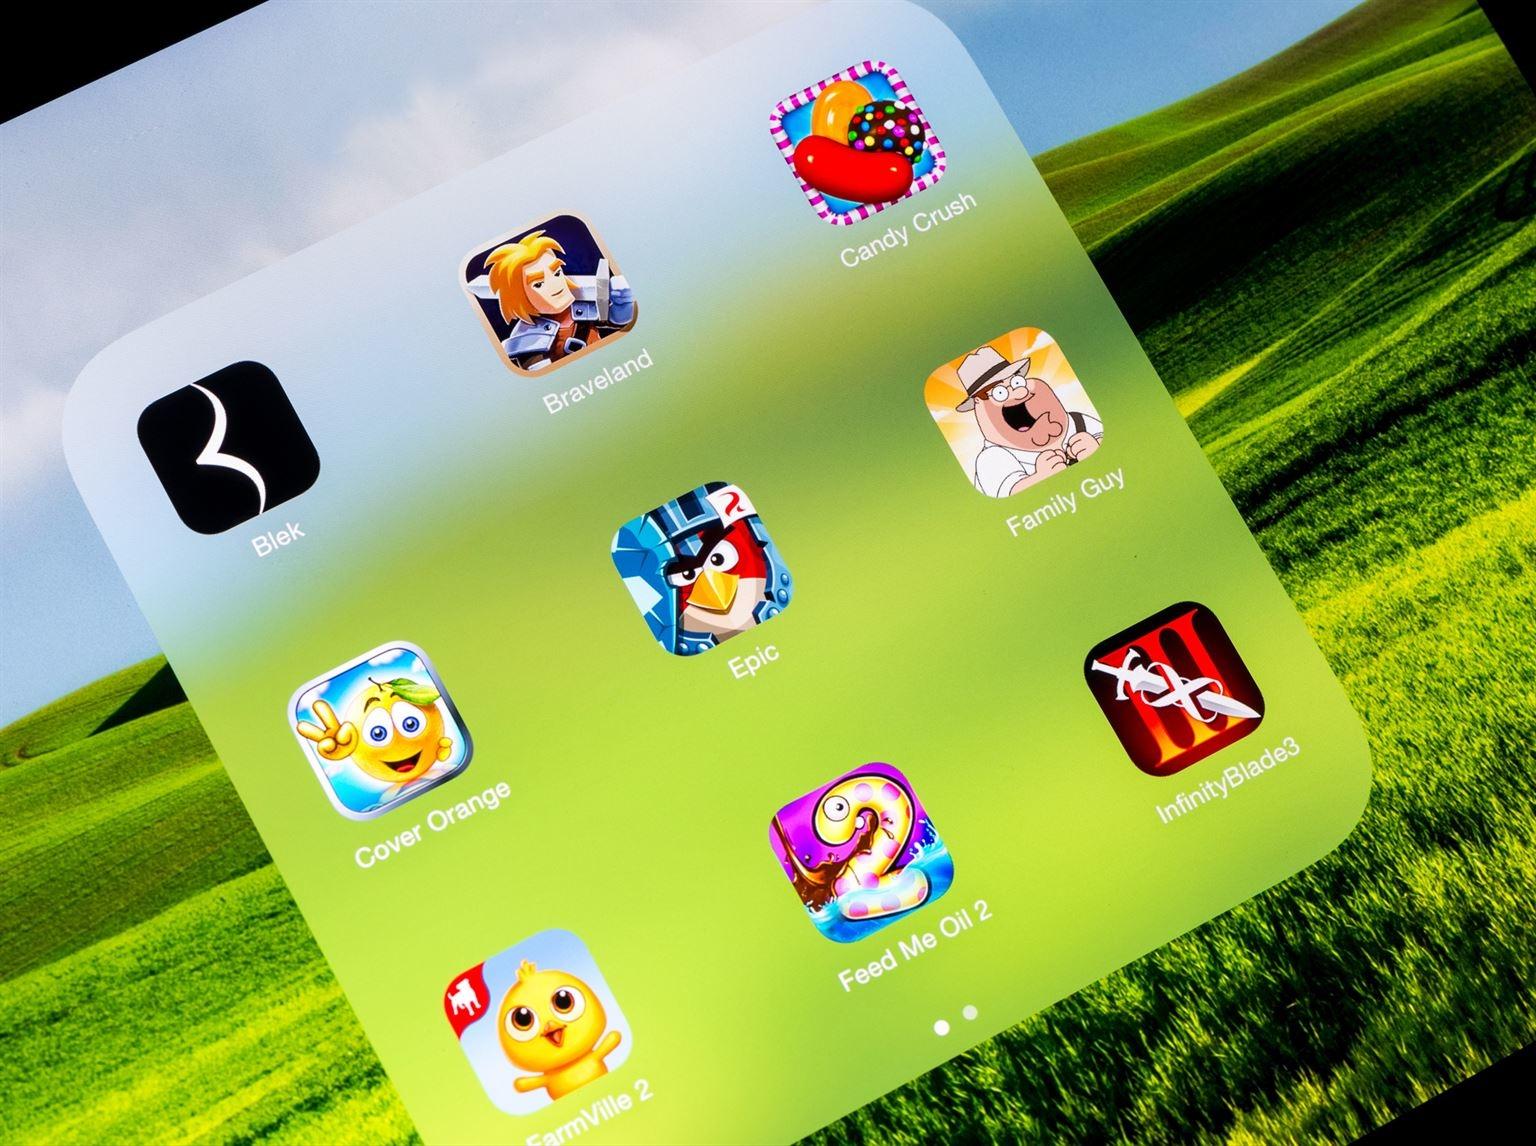 Jeux Sur Tablette: 64 Choix Pour Enfants | Protégez-Vous.ca tout Jeux Educatif Enfant Gratuit